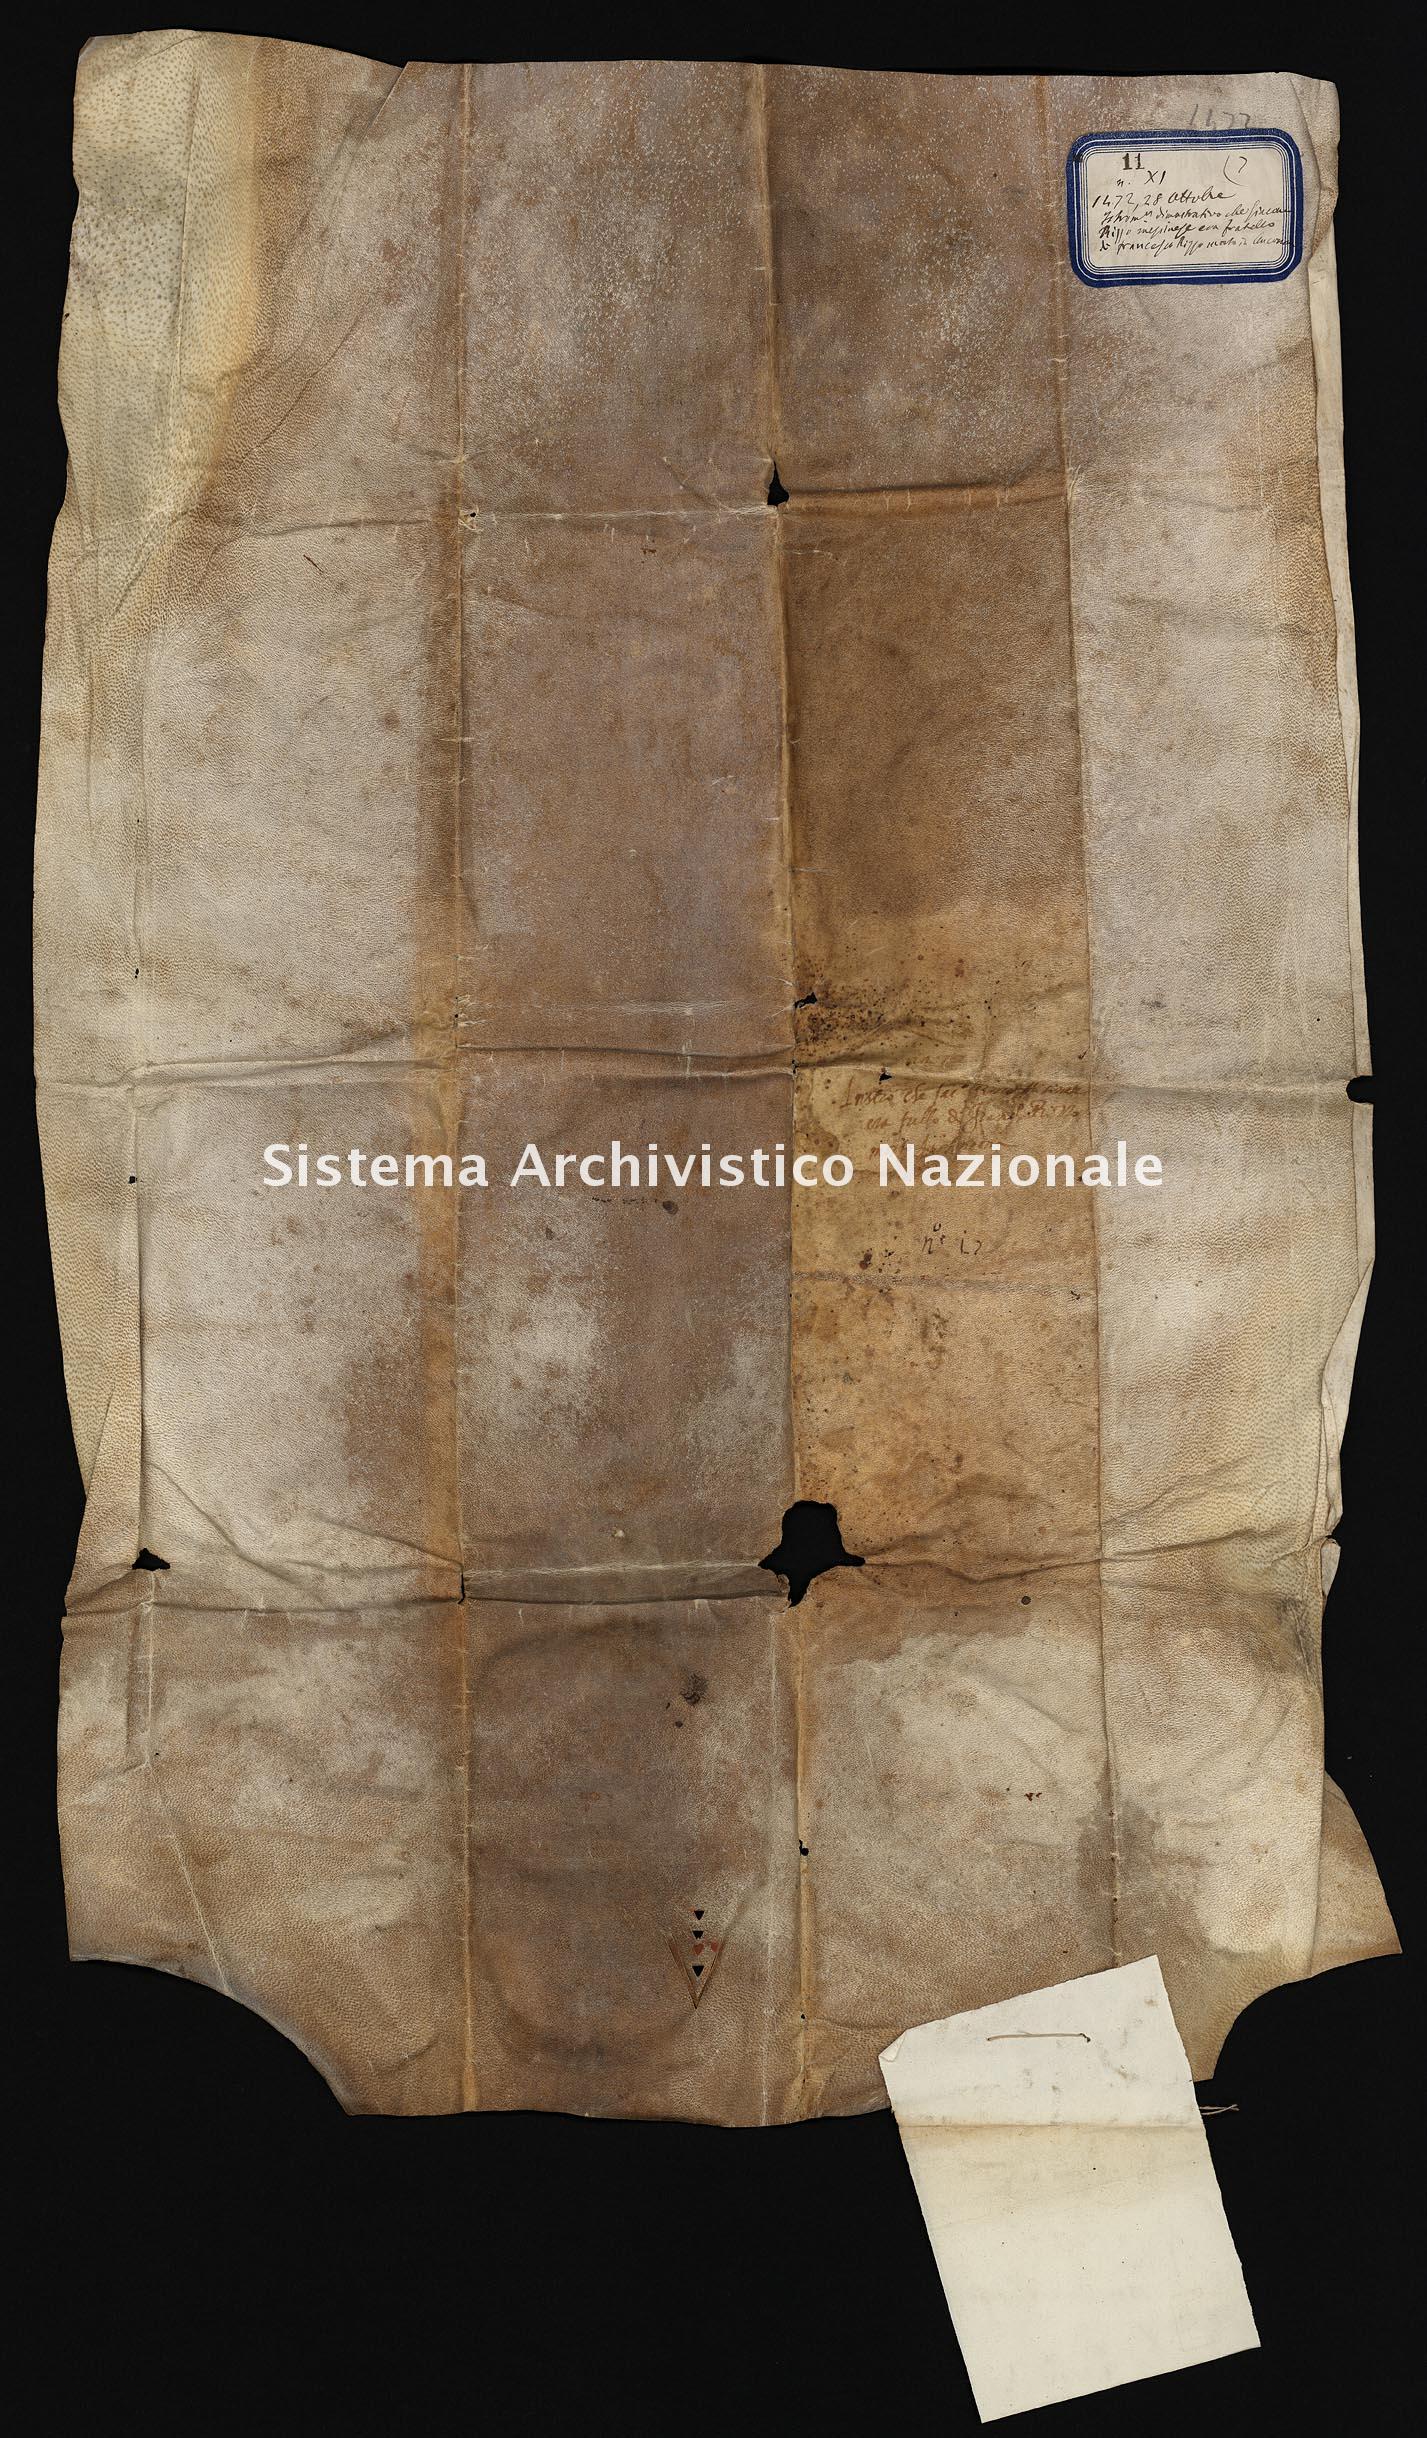 Archivio di Stato di Ancona, Comune di Ancona, Comune di Ancona (antico regime), Pergamene, Pergamena n. 11